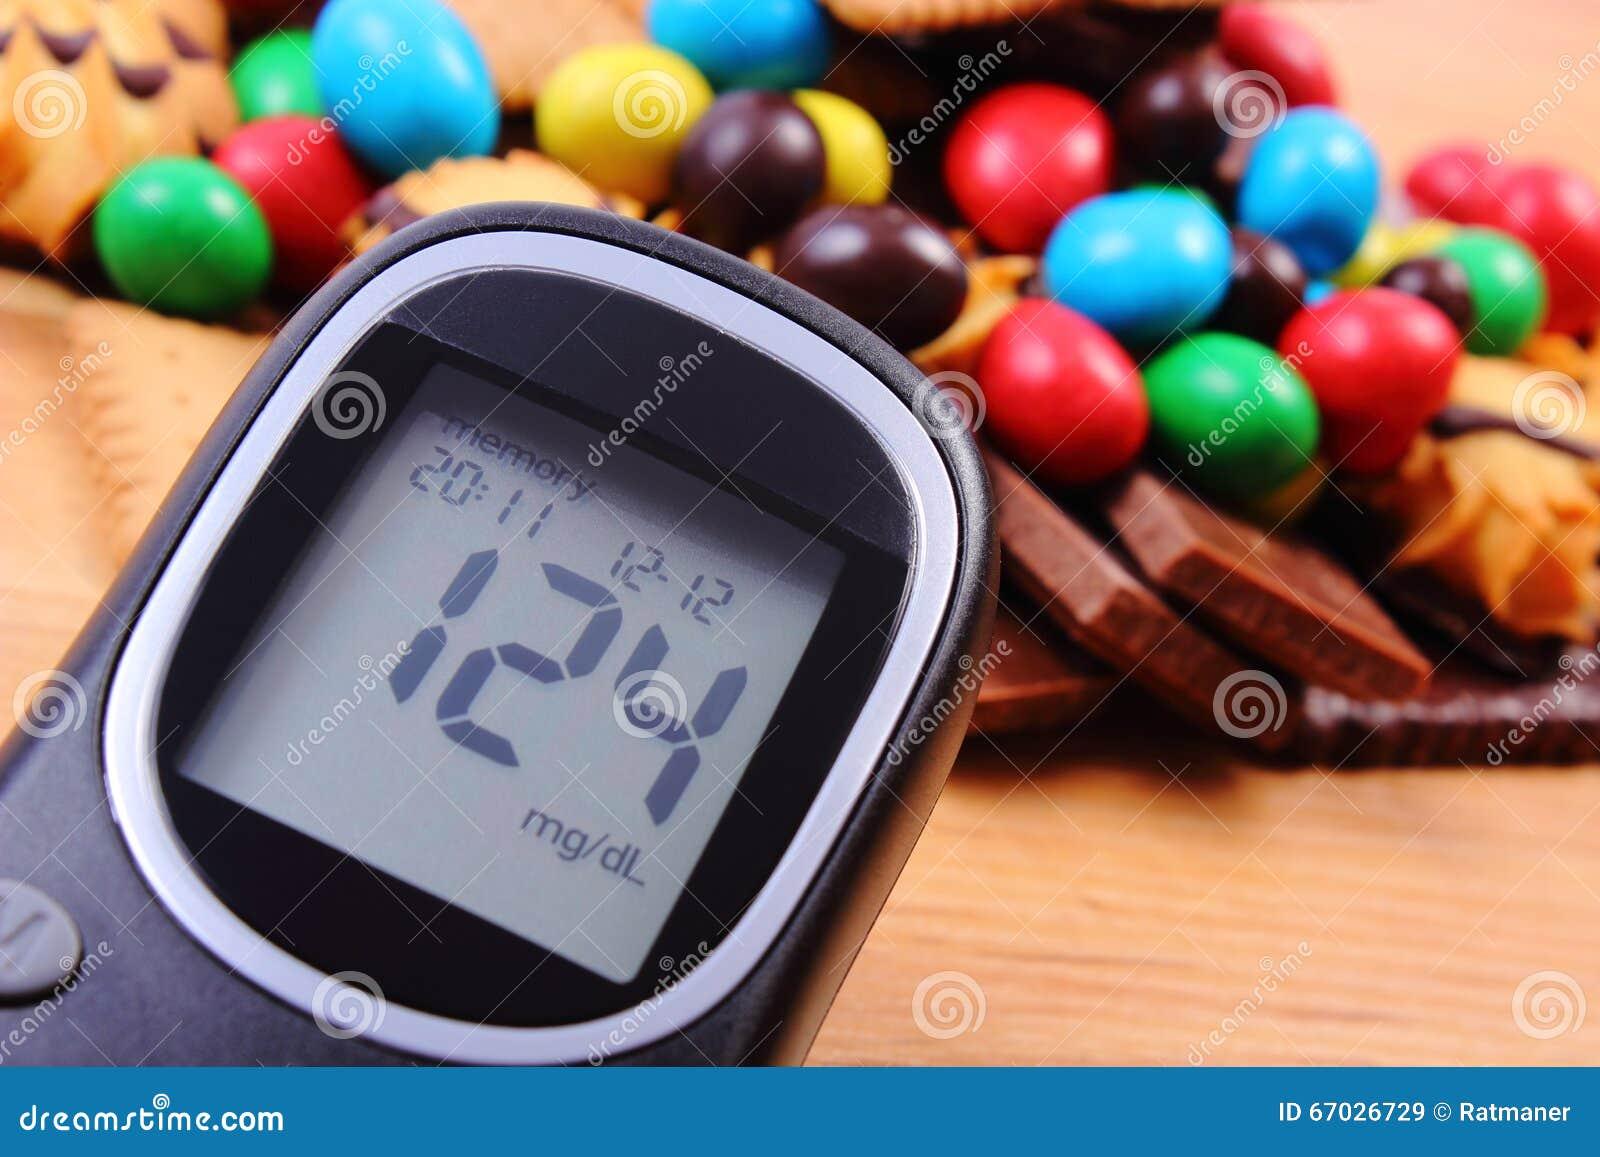 Spuntini Sani E Diabete : Metro del glucosio con il mucchio dei dolci su superficie di legno